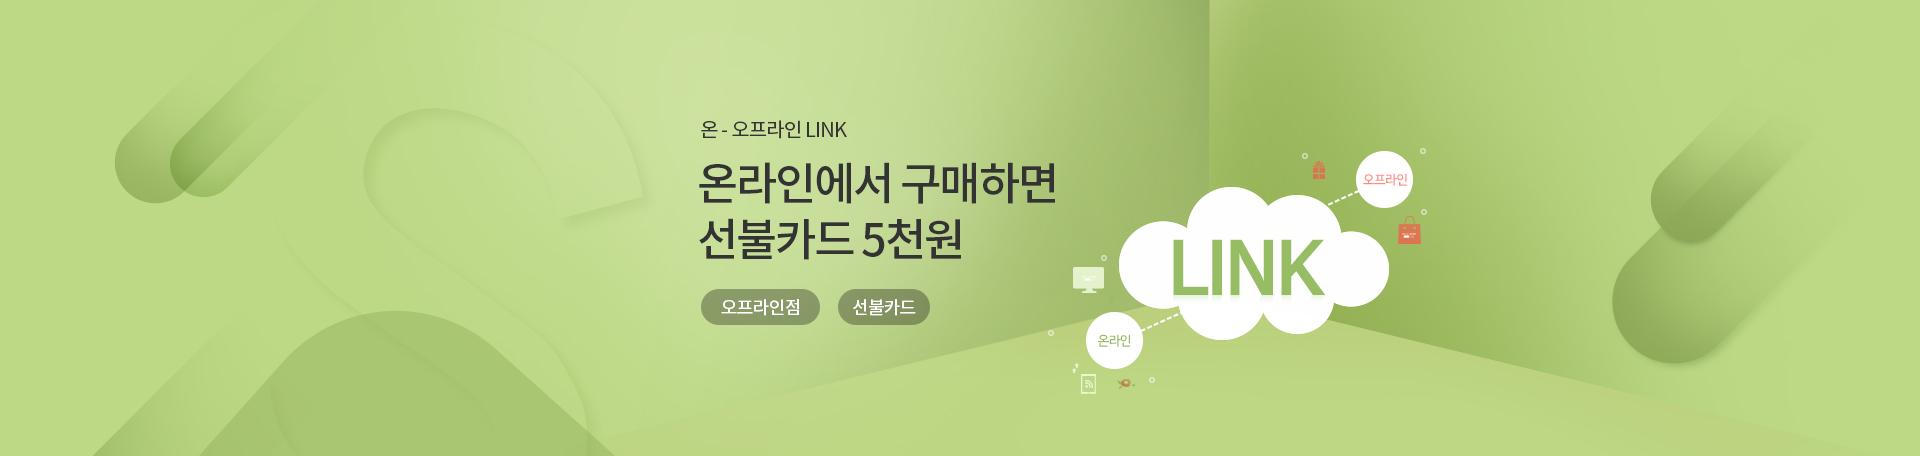 온-오프 LINK